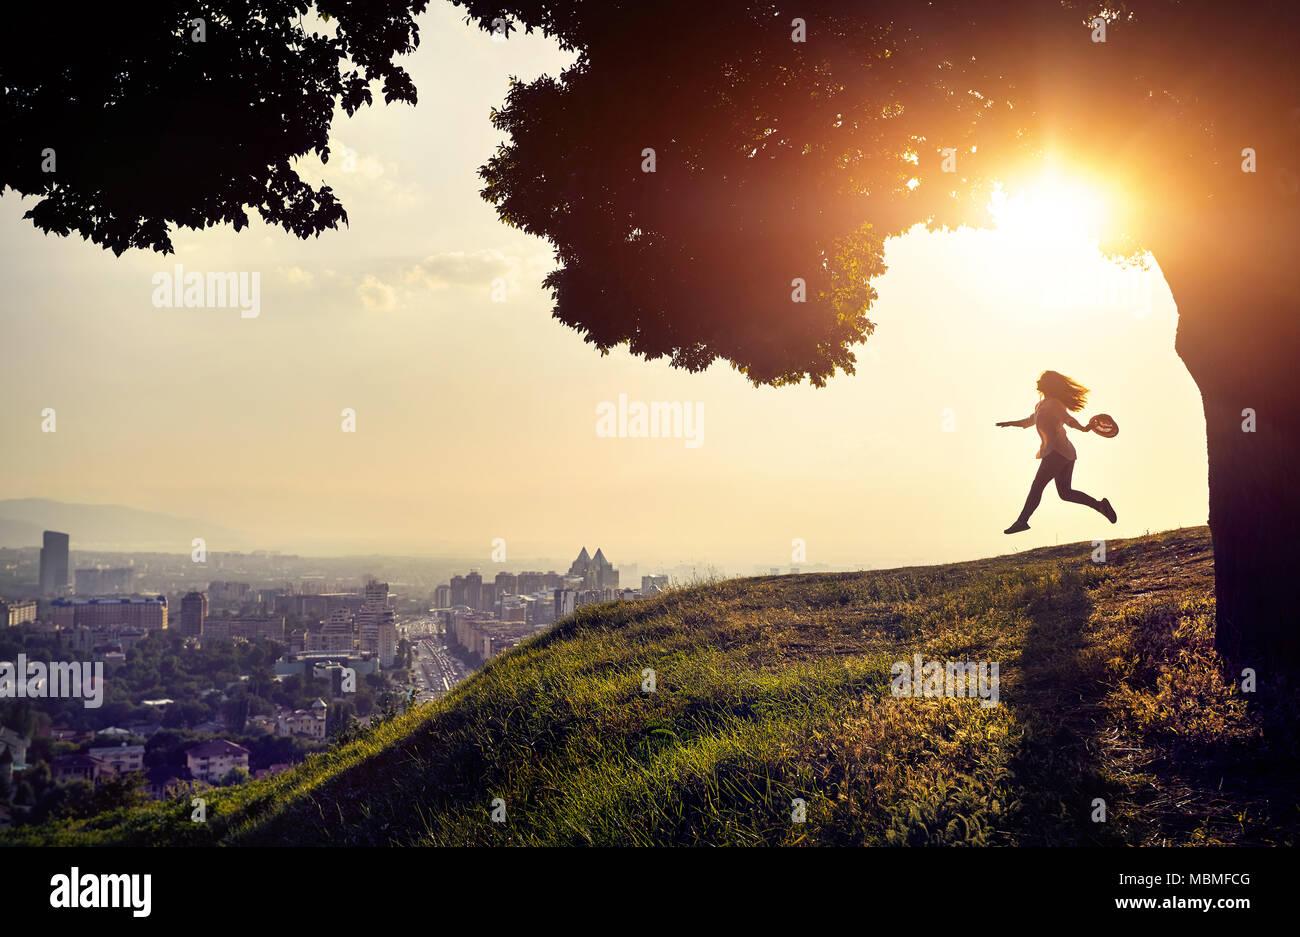 Frau in Silhouette mit Hut in der Hand den Sonnenuntergang Blick auf die Stadt. Das Leben in der Stadt. Stockbild